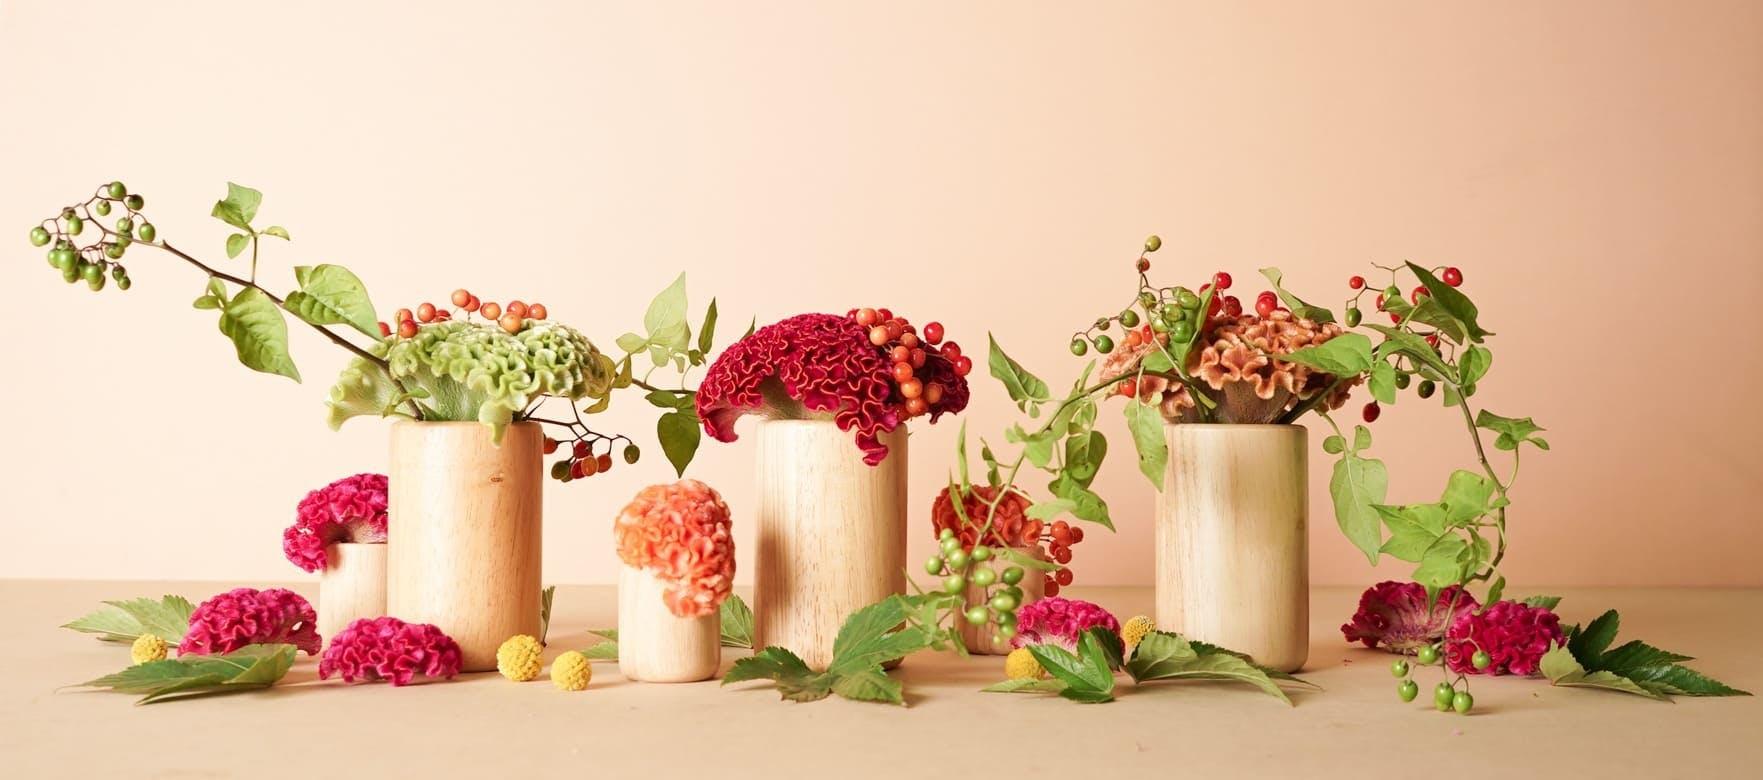 ケイトウ - お花と植物のギフト通販 HitoHana(ひとはな)